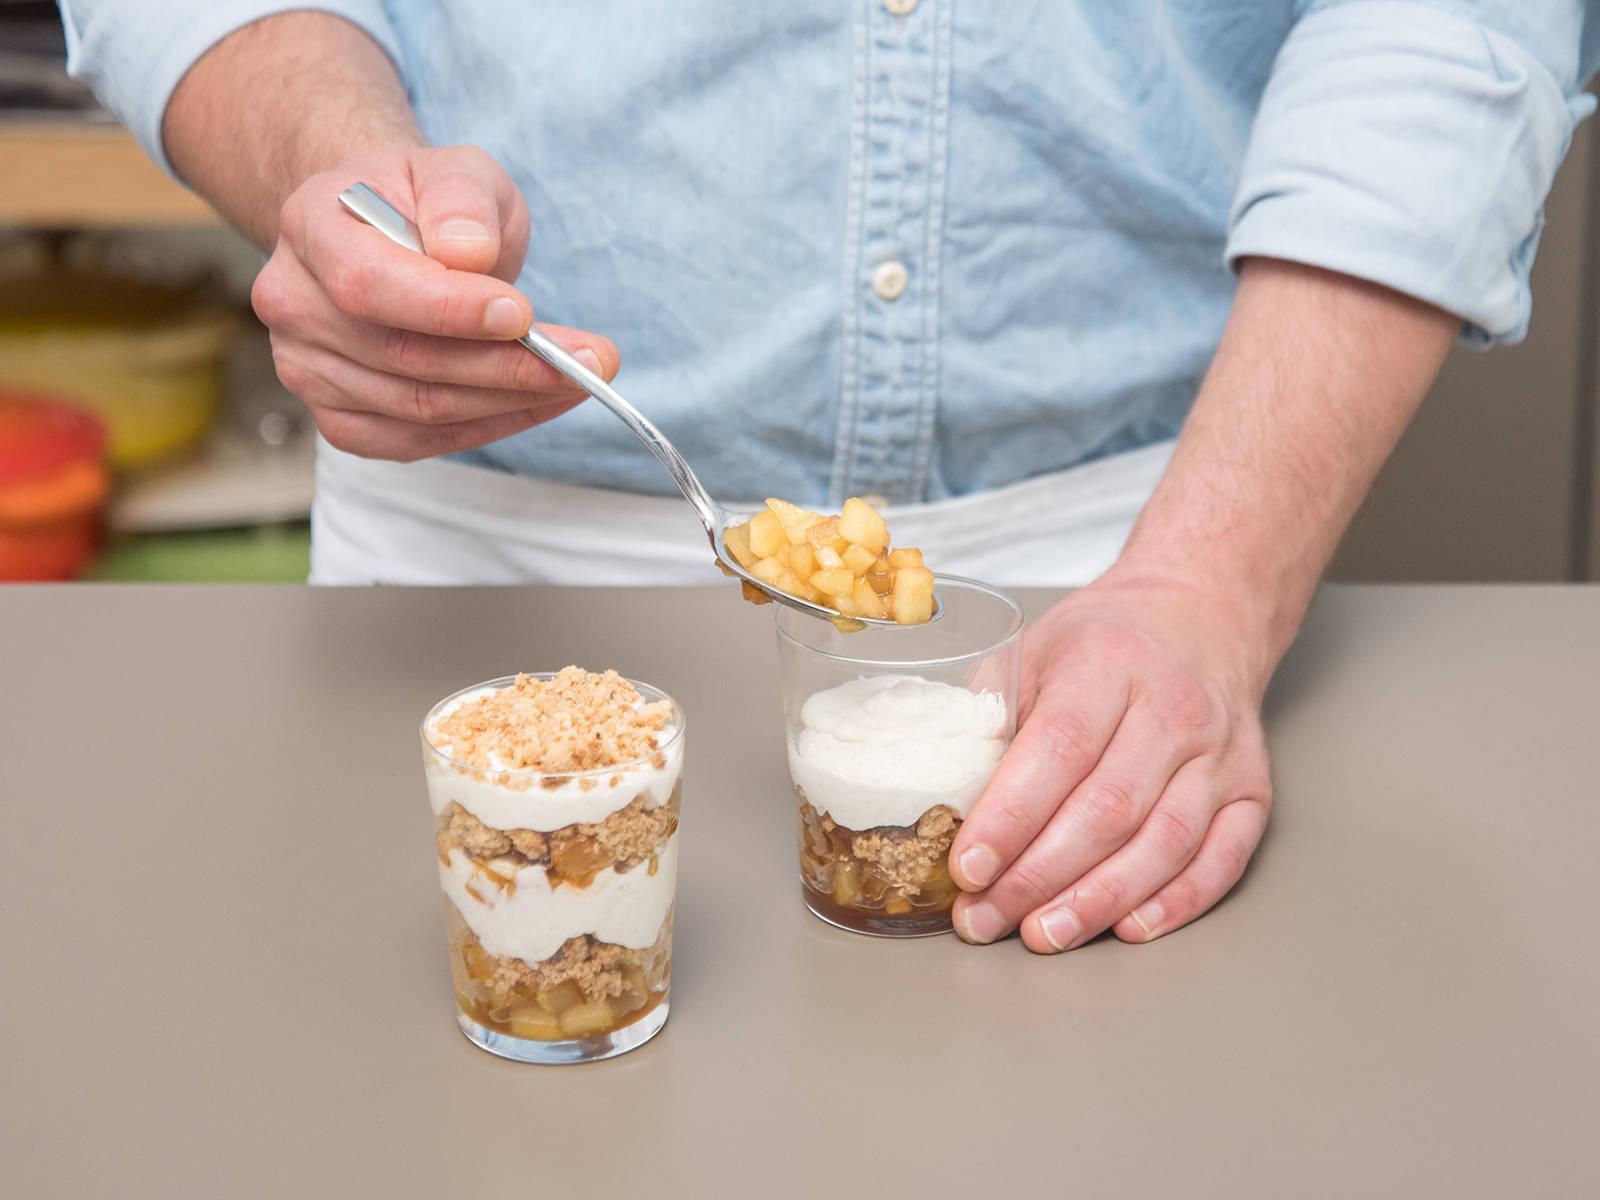 依次将甜点材料放到杯中:先放一层苹果混合物,然后酥块,然后生奶油。再重复一遍此操作,最后在顶上撒上更多酥块和苹果。放入冰箱冷藏,需要享用时再取出。祝好胃口!